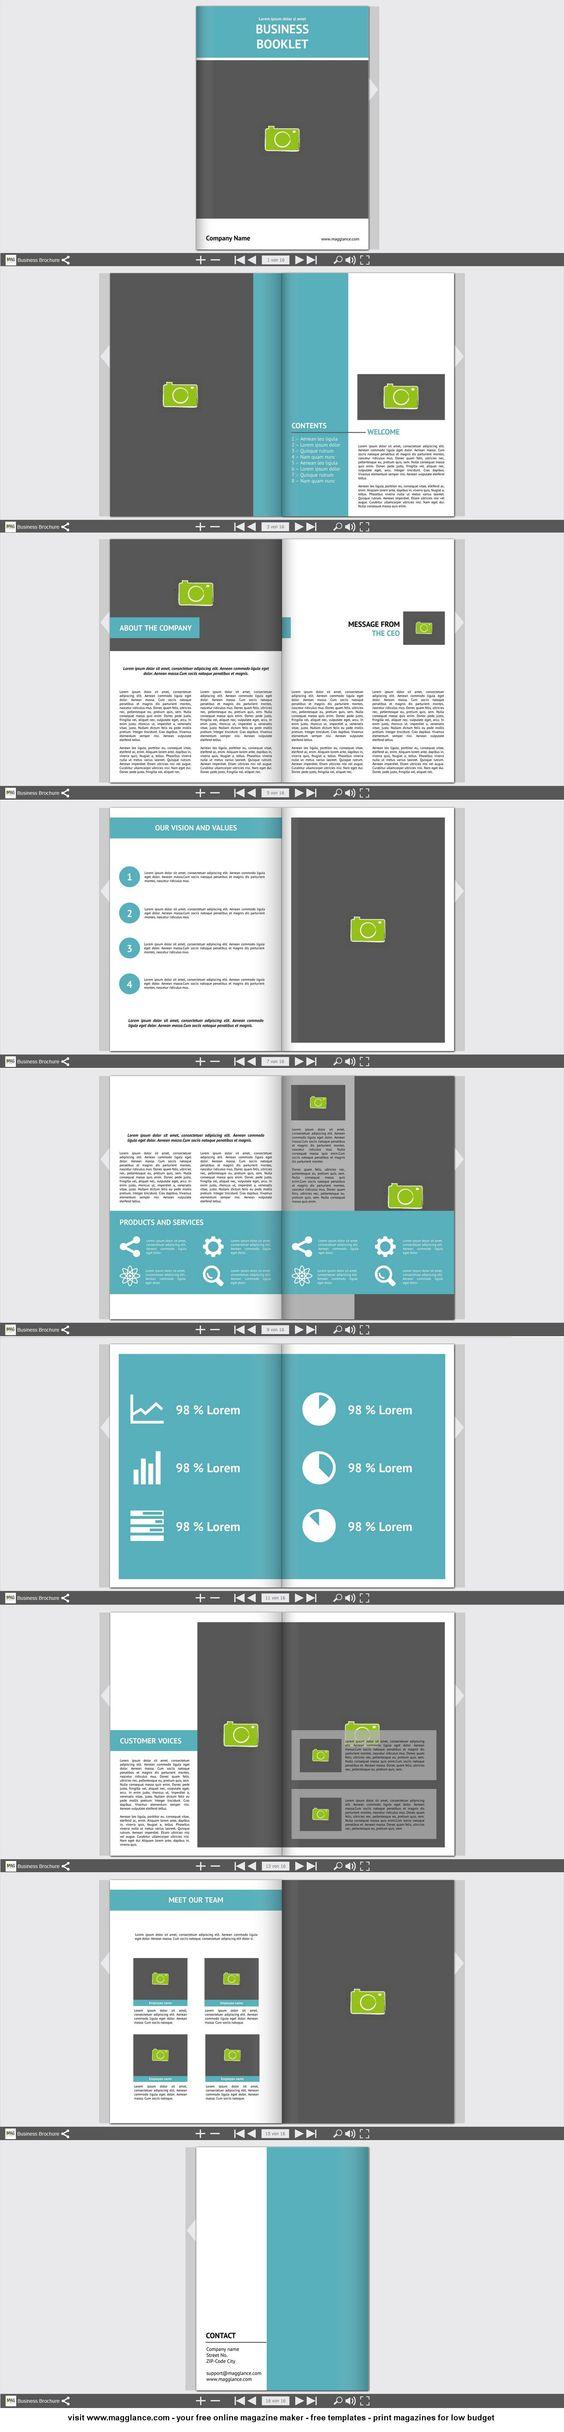 Crea Brochure Aziendale Gratis Online E Stampa A Un Prezzo - Brochure templates online